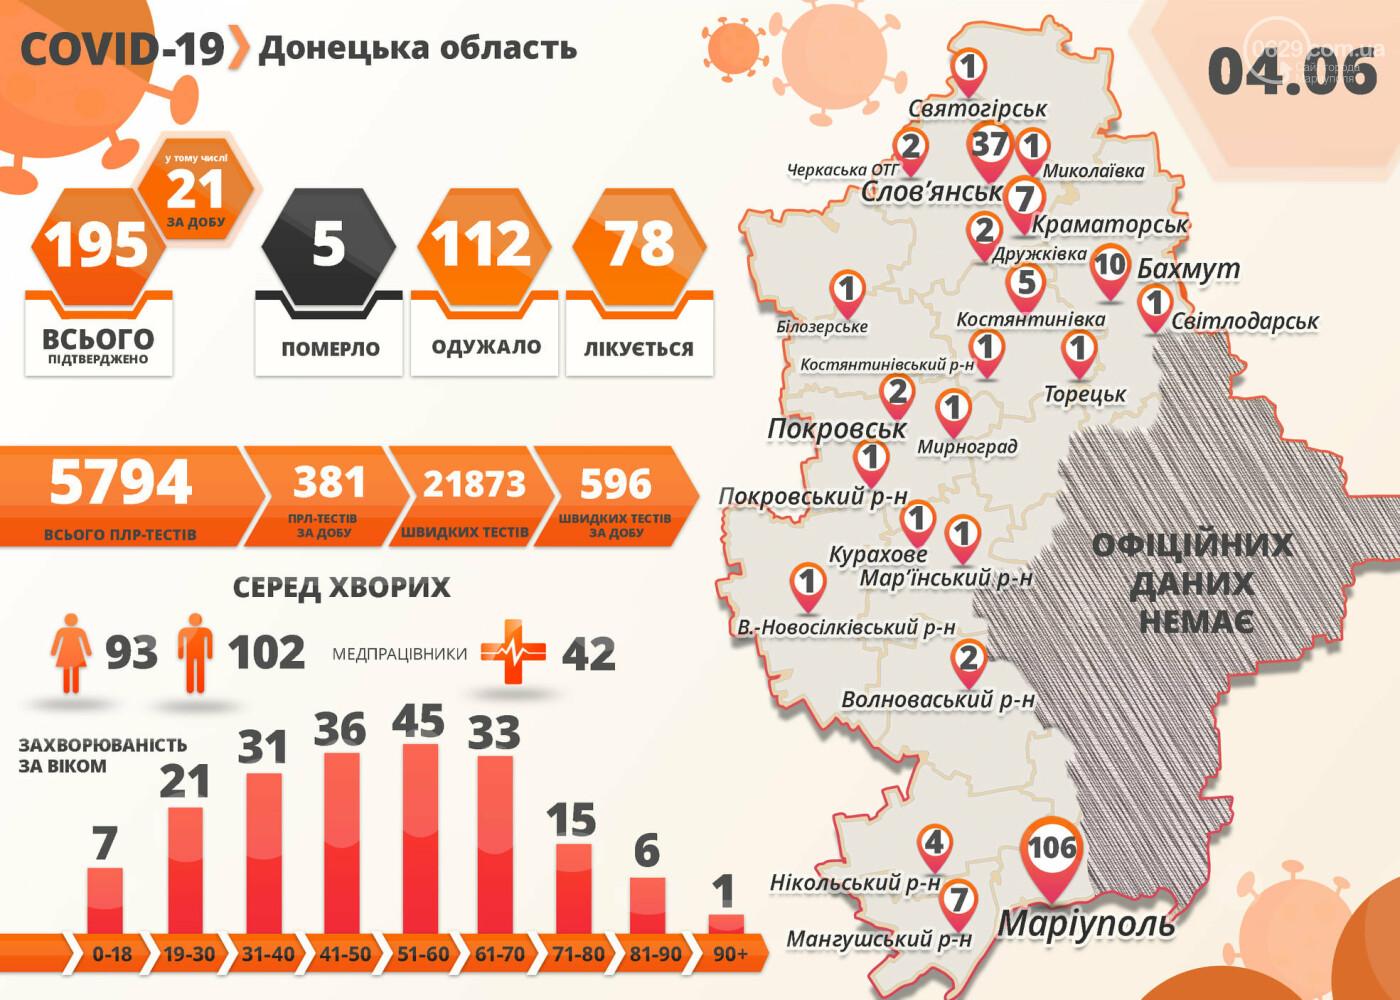 Резкое ухудшение ситуации с COVID-19 на Донетчине. Плюс один -  в Мариуполе, плюс 19 – в Славянске, фото-1